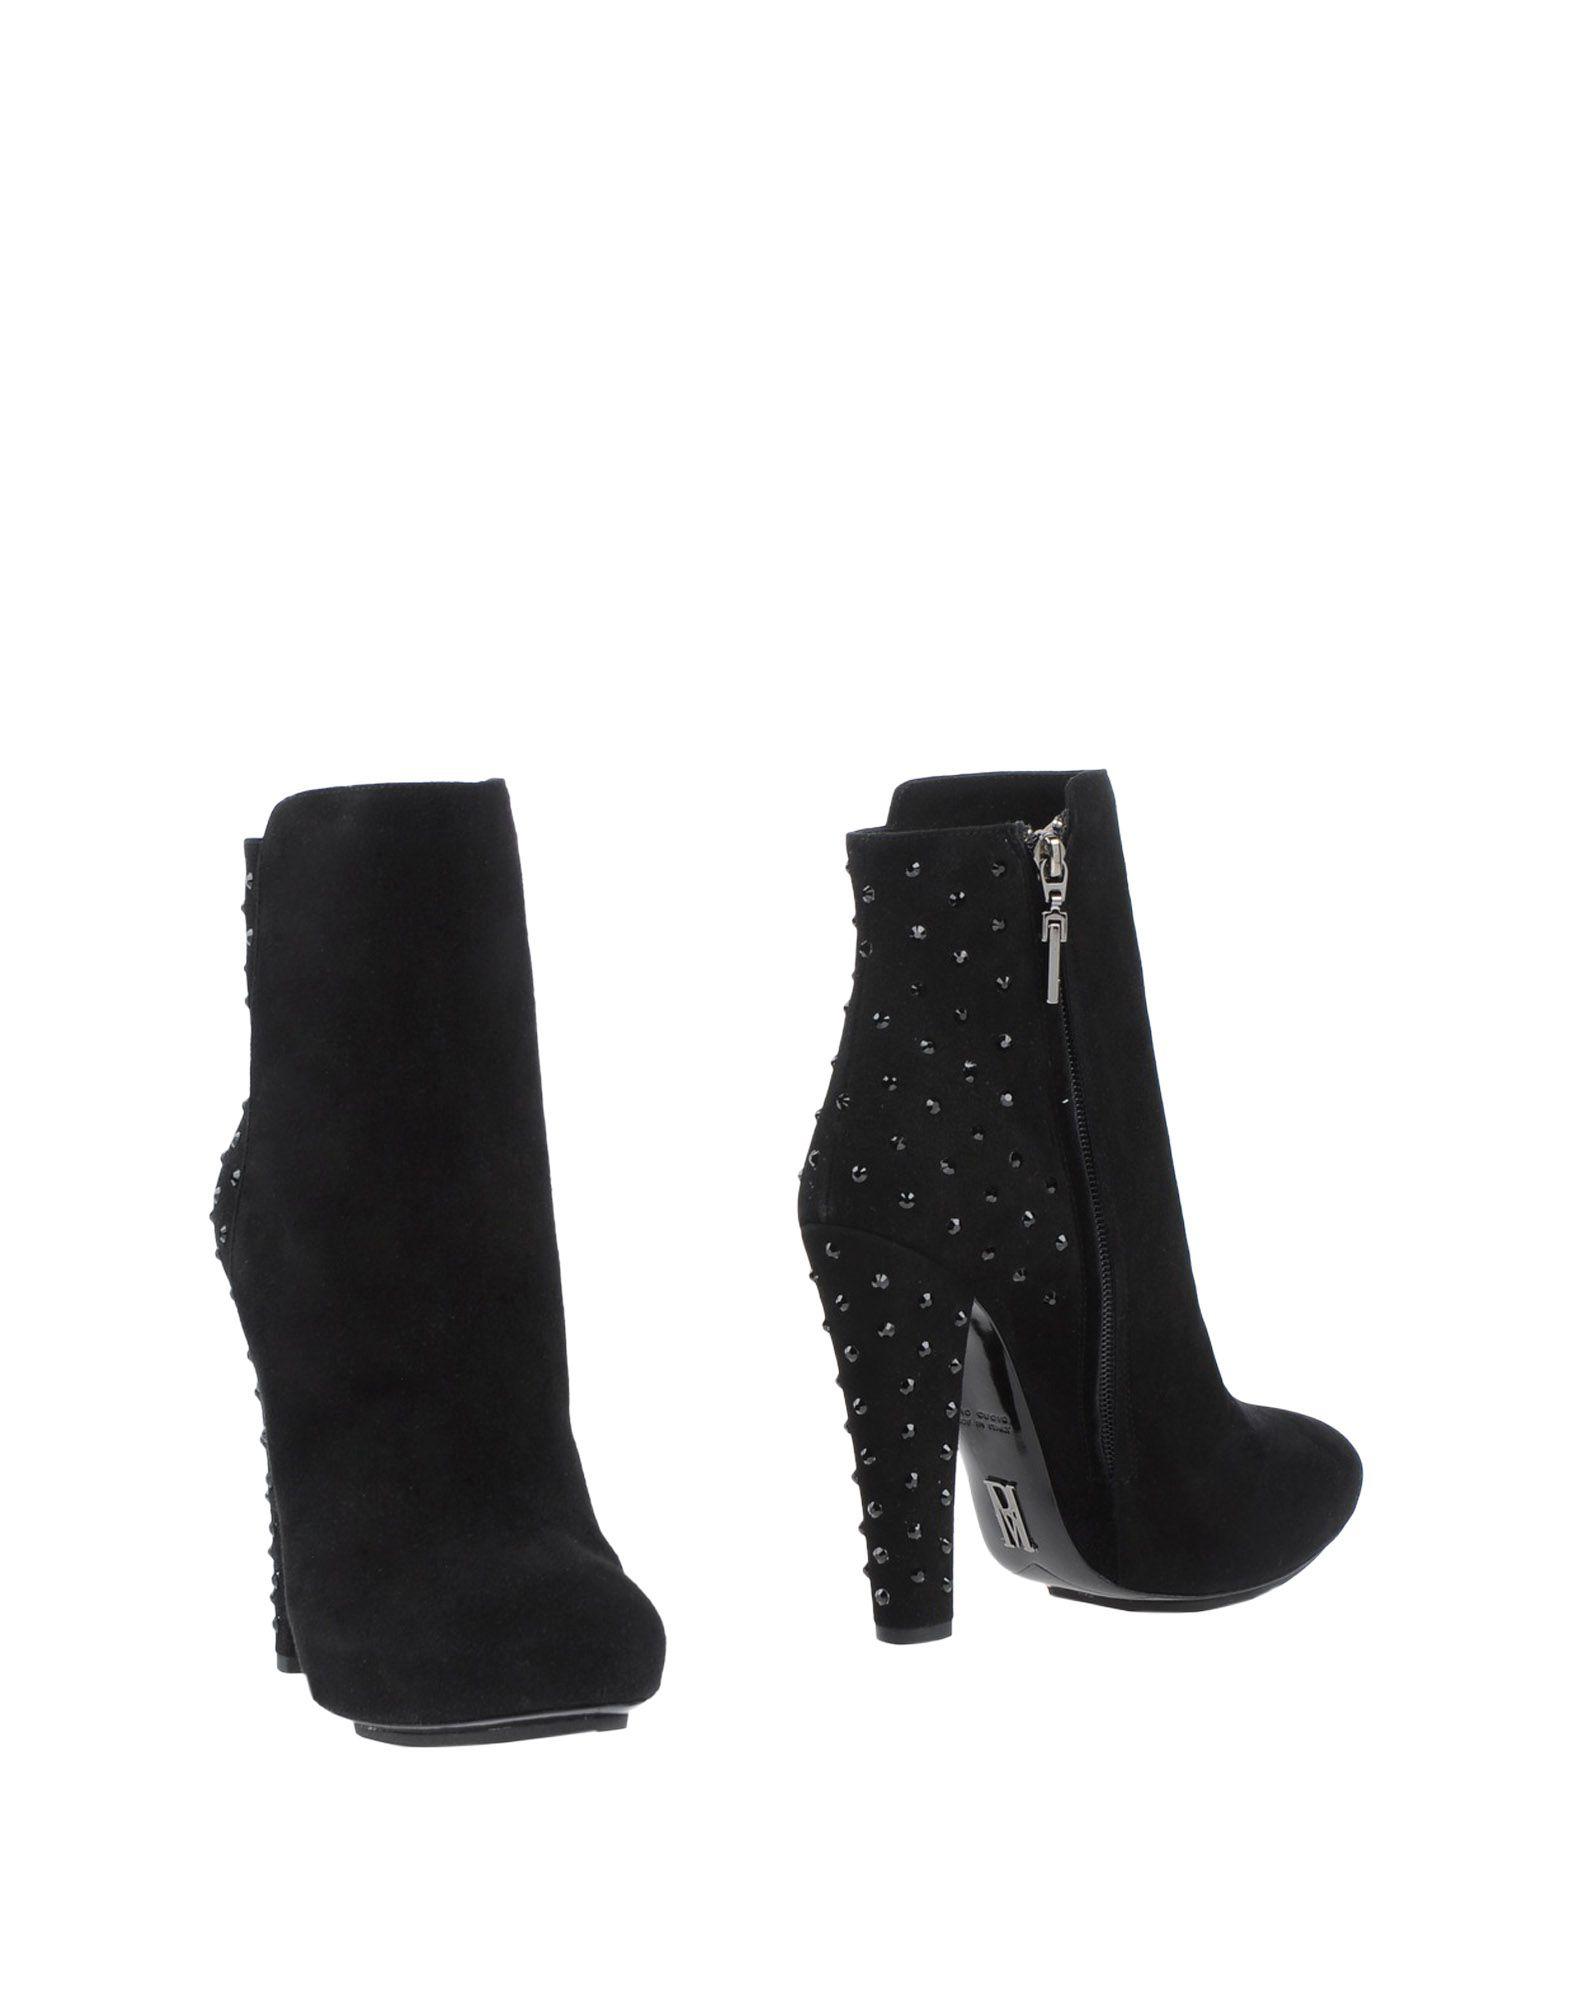 Rodolphe Menudier Stiefelette Damen Schuhe  11331133KJGünstige gut aussehende Schuhe Damen 8080ae